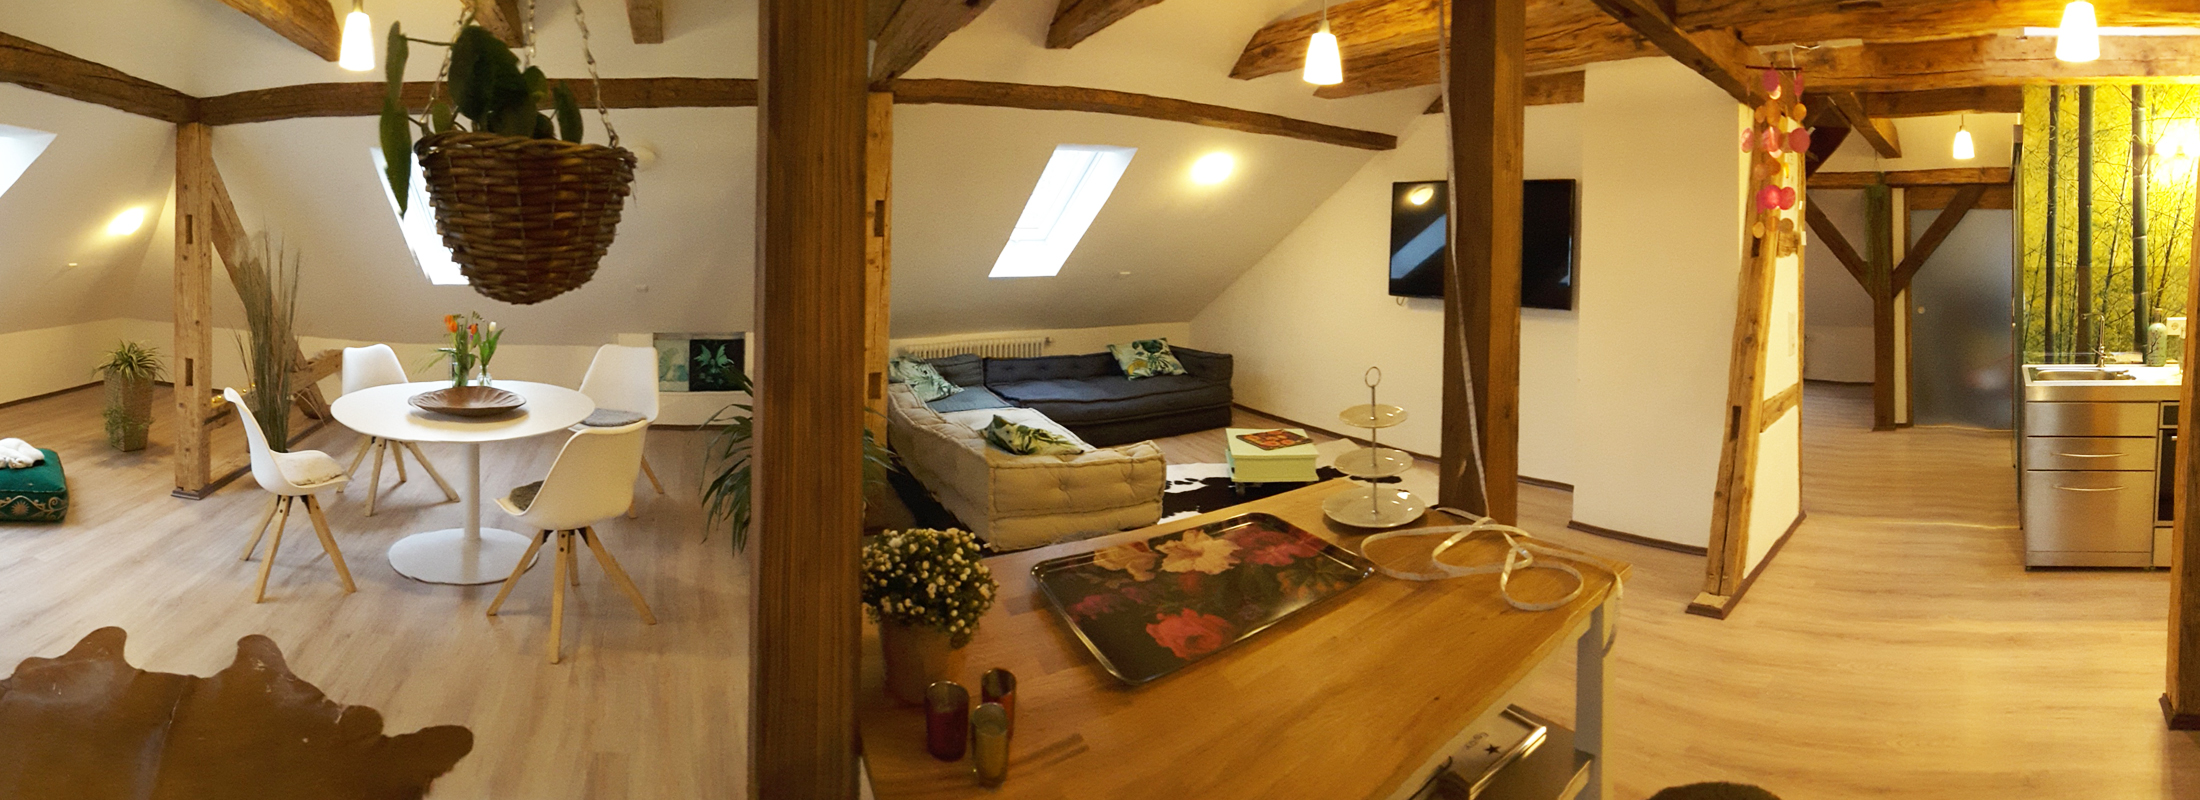 Alte Villa - Ferienwohnung Schwäbisch Hall